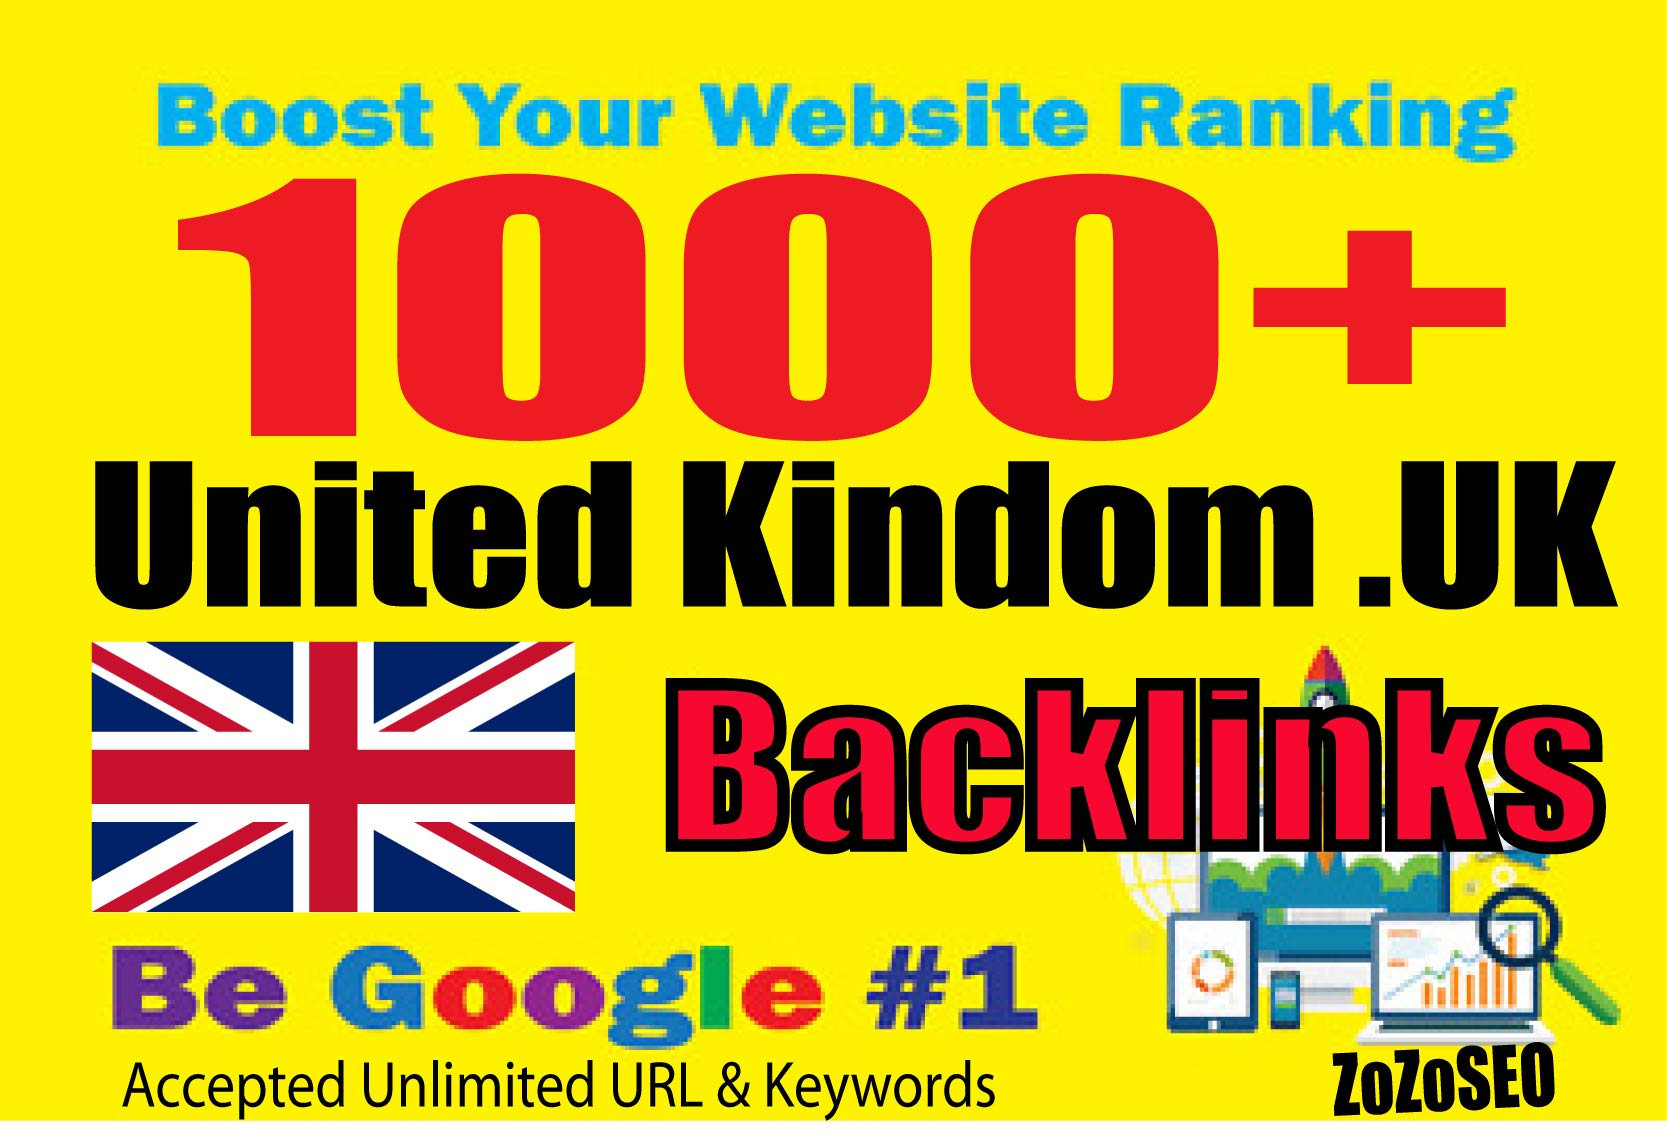 1000+ United Kingdom. UK Backlinks From Local UK domains